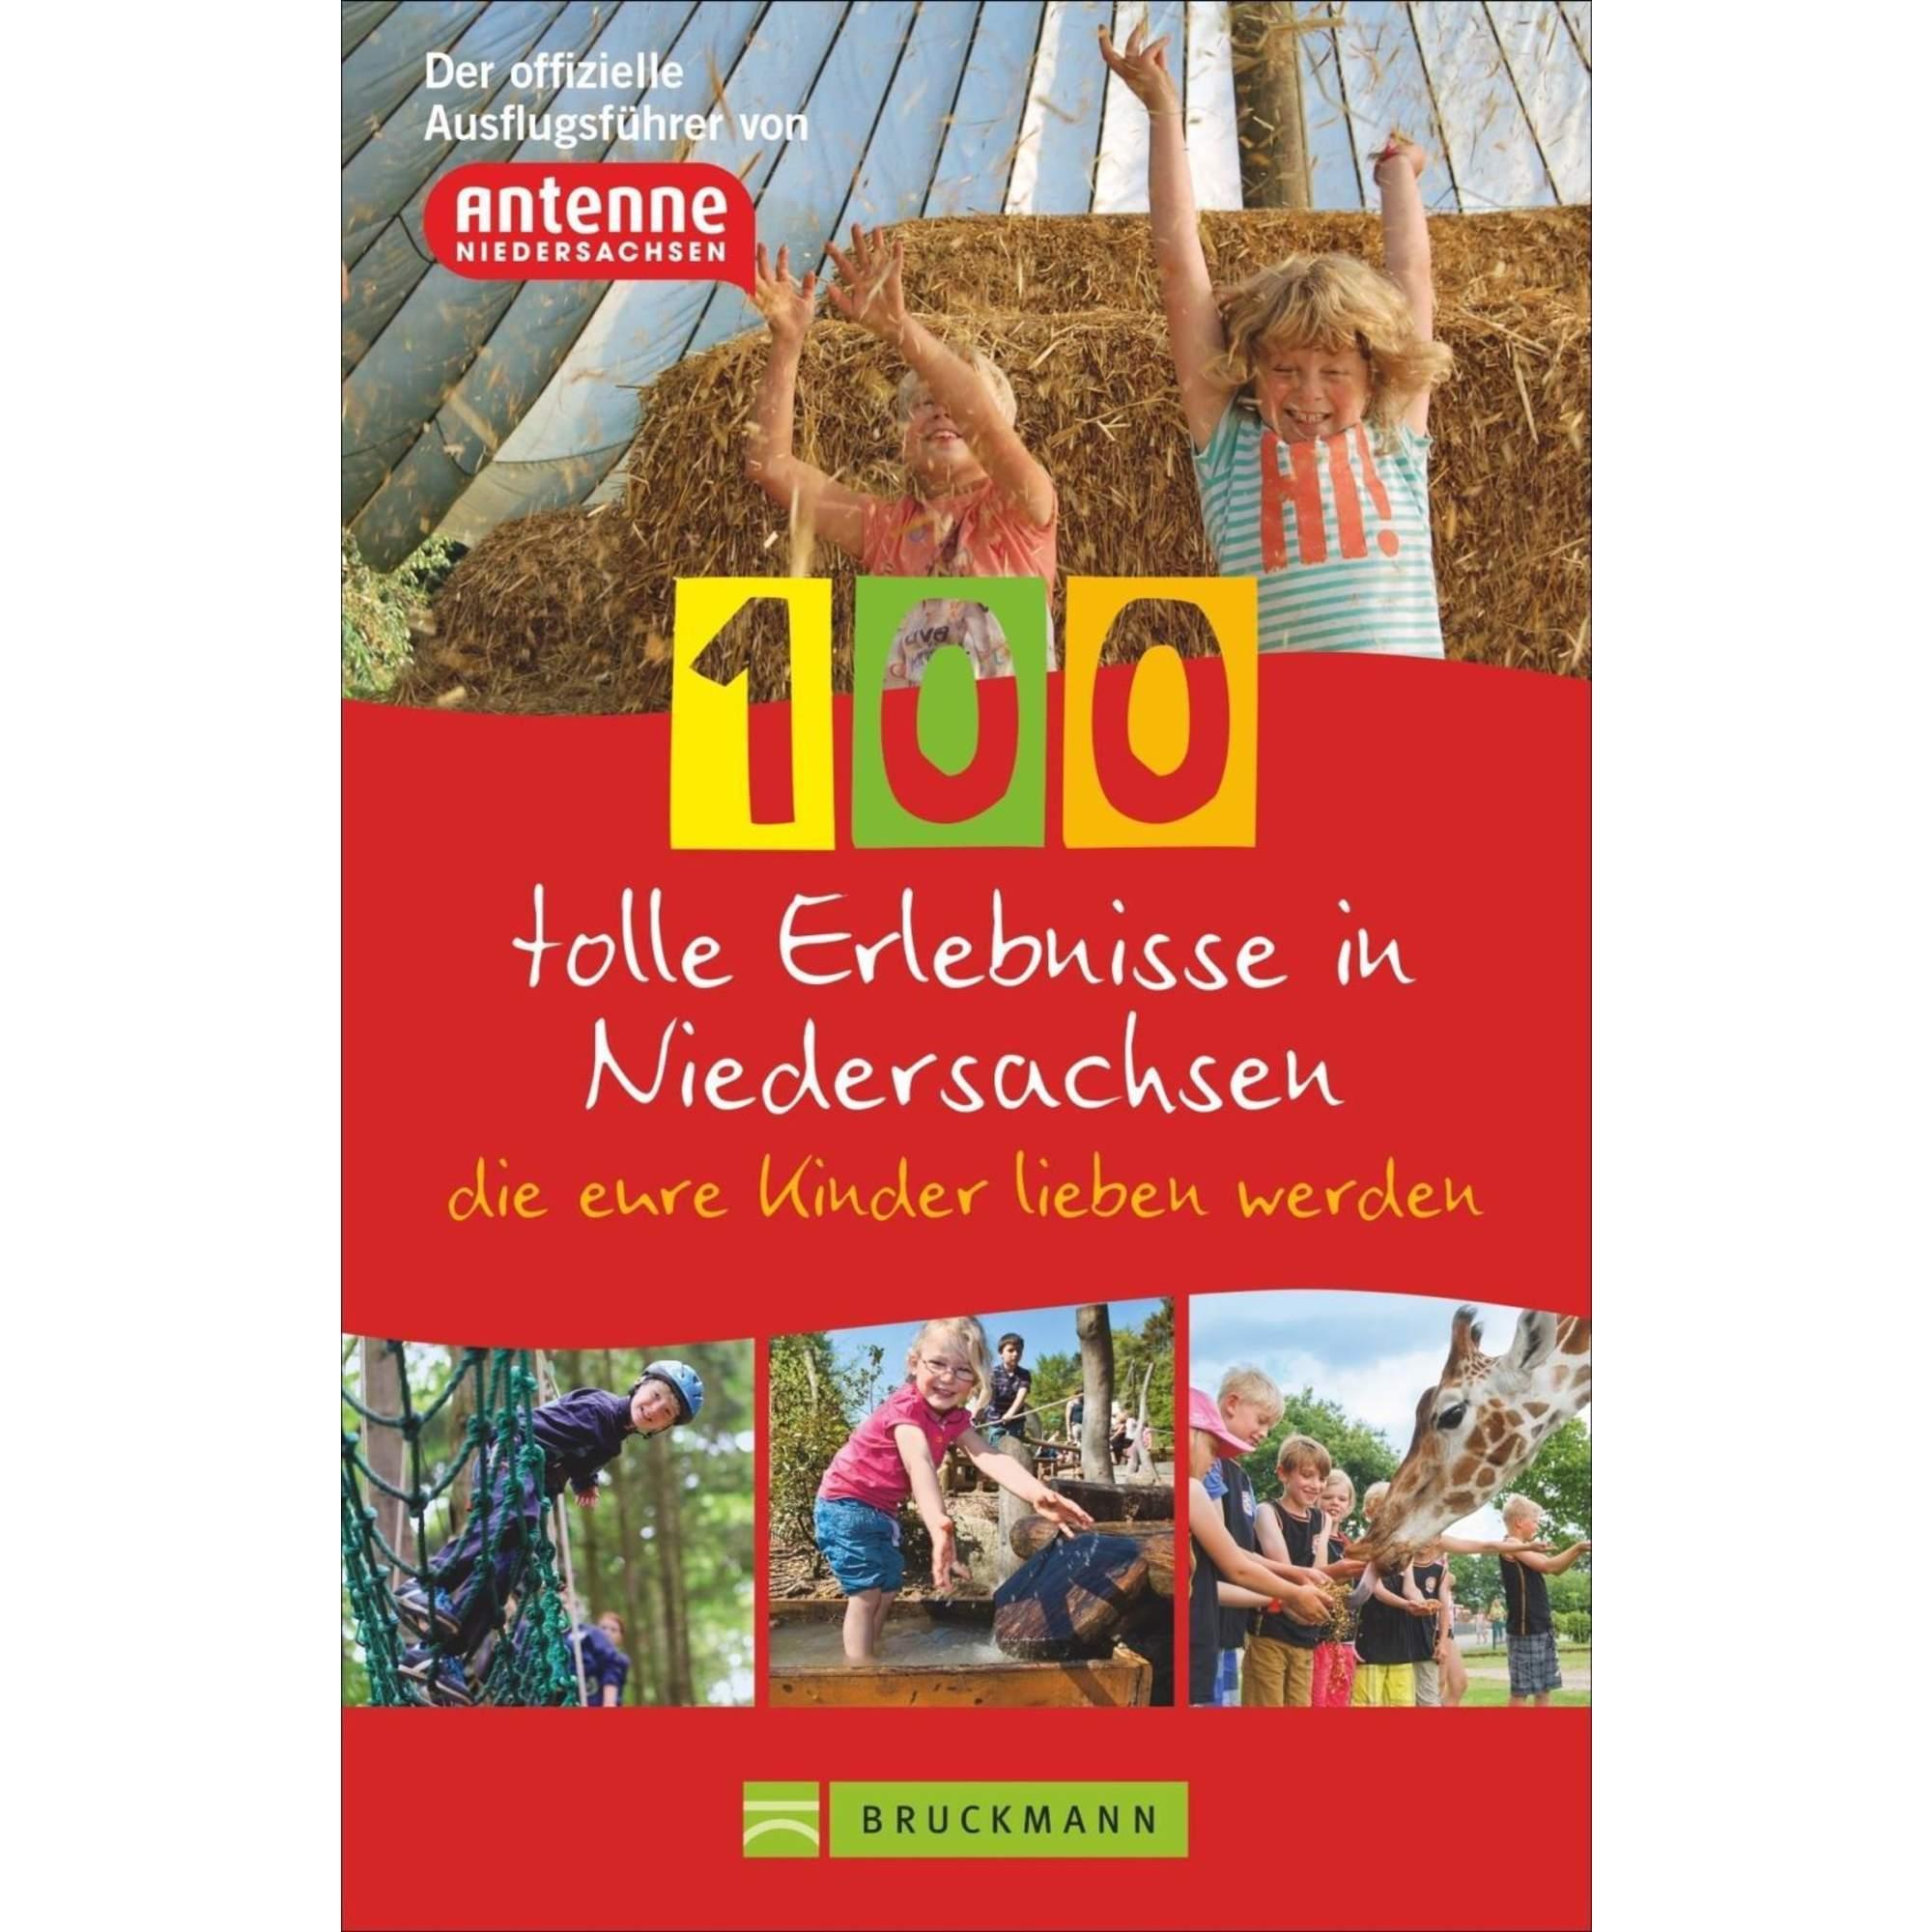 100 tolle Erlebnisse in Niedersachsen, die eure Kinder lieben werden, 12,99 Euro